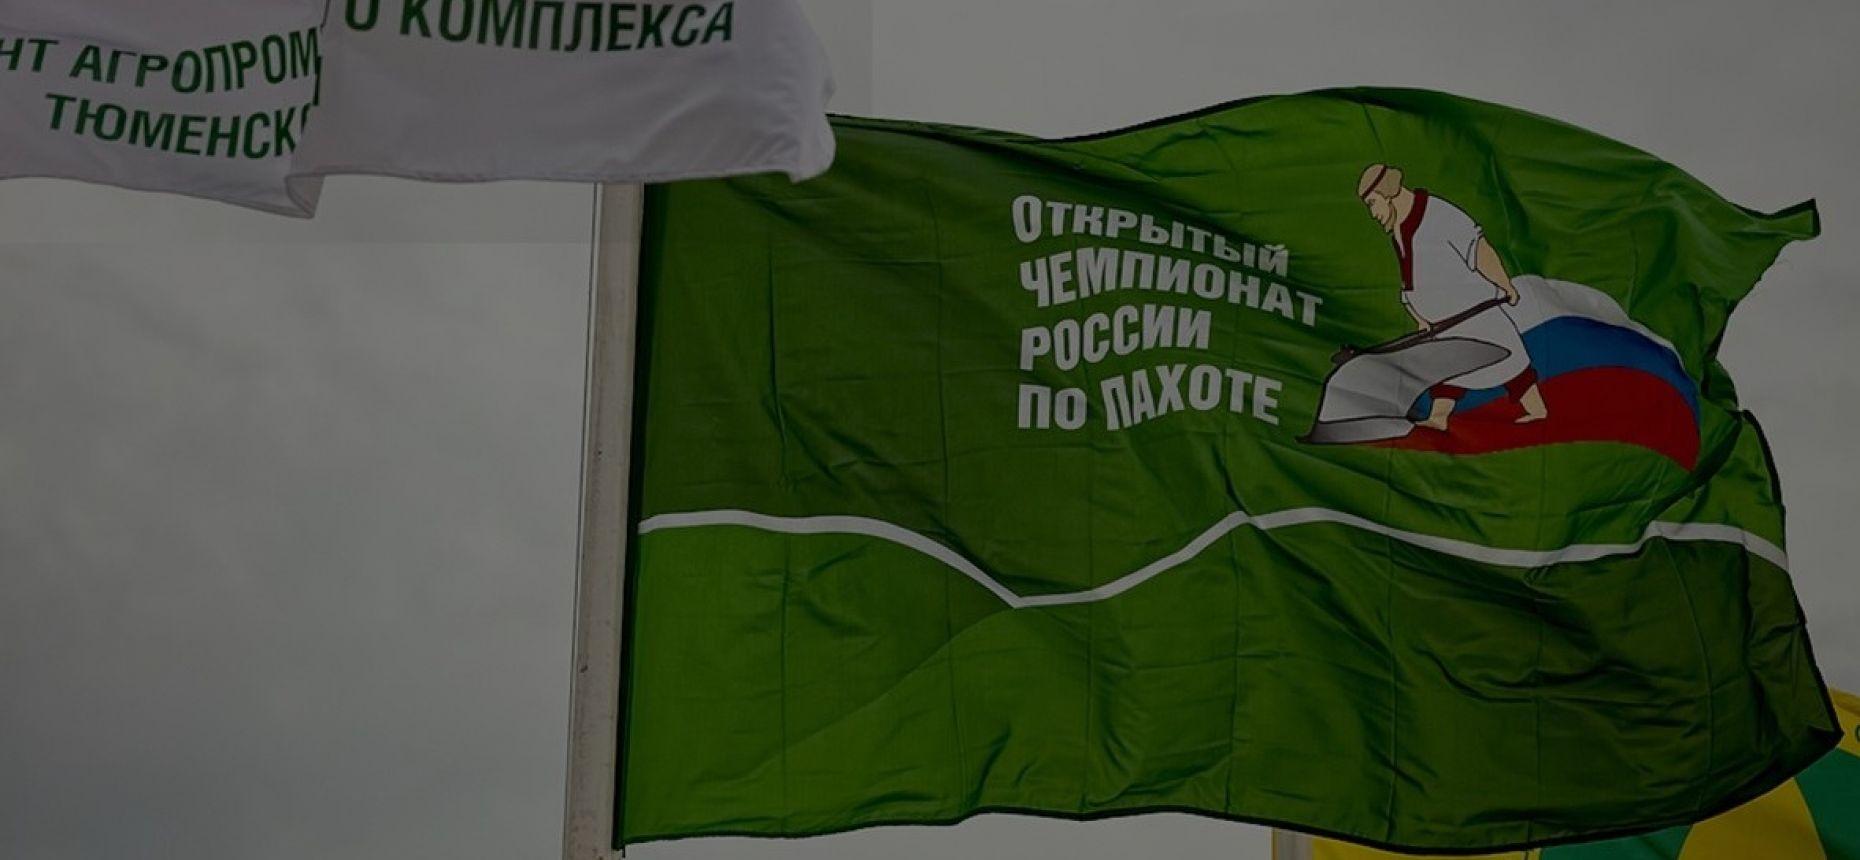 VI Открытый чемпионат России по пахоте